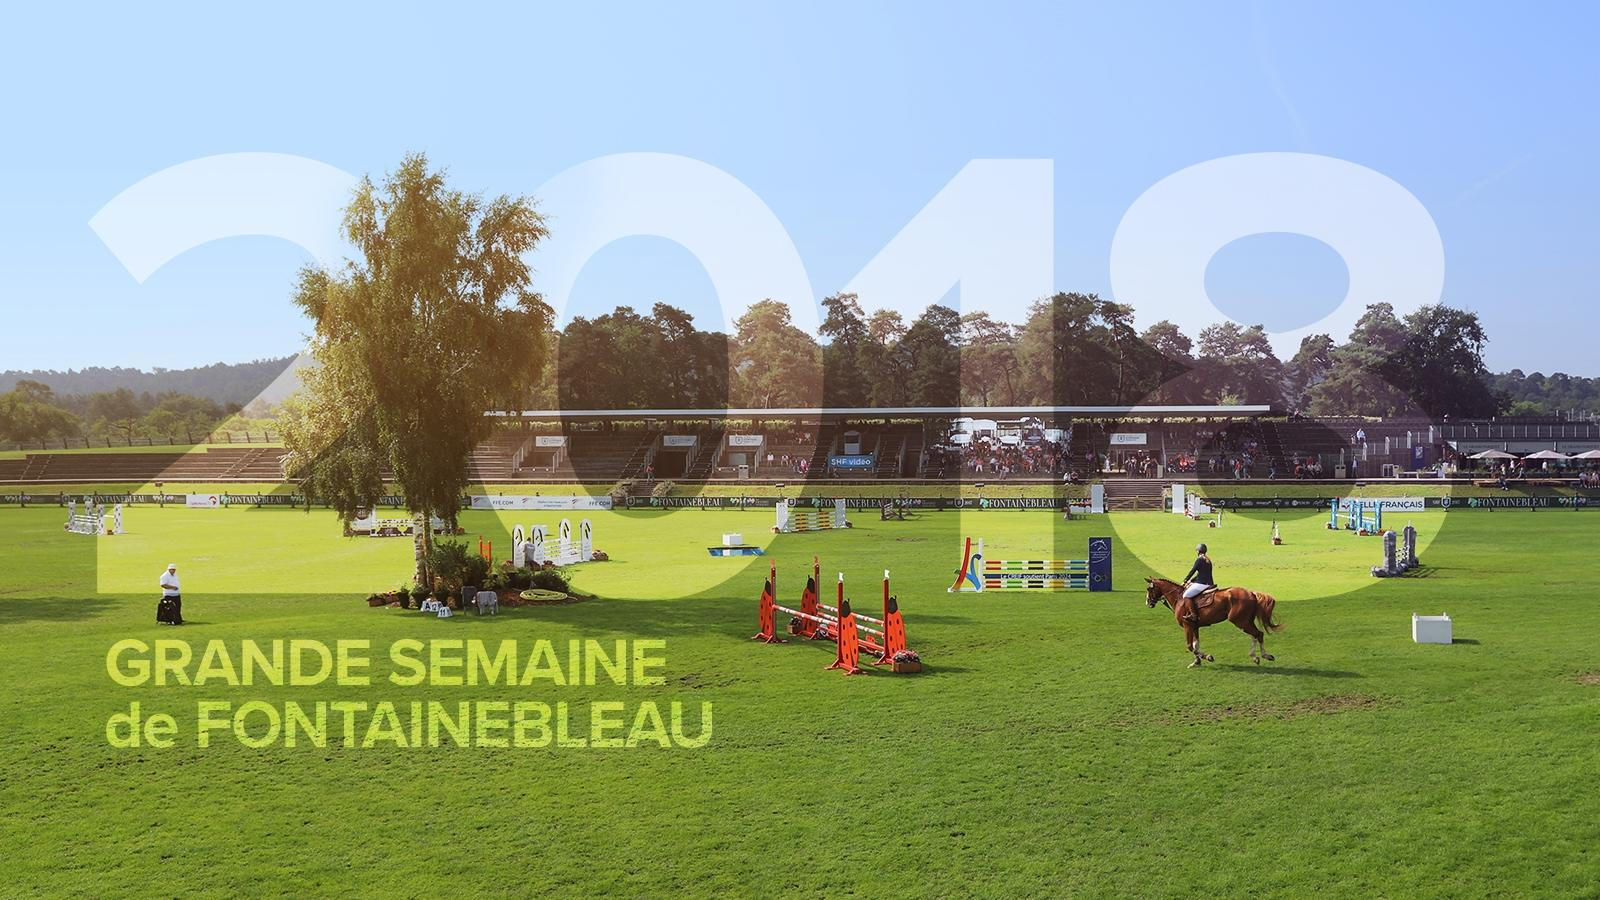 Dates de la Grande Semaine de Fontainebleau 2018